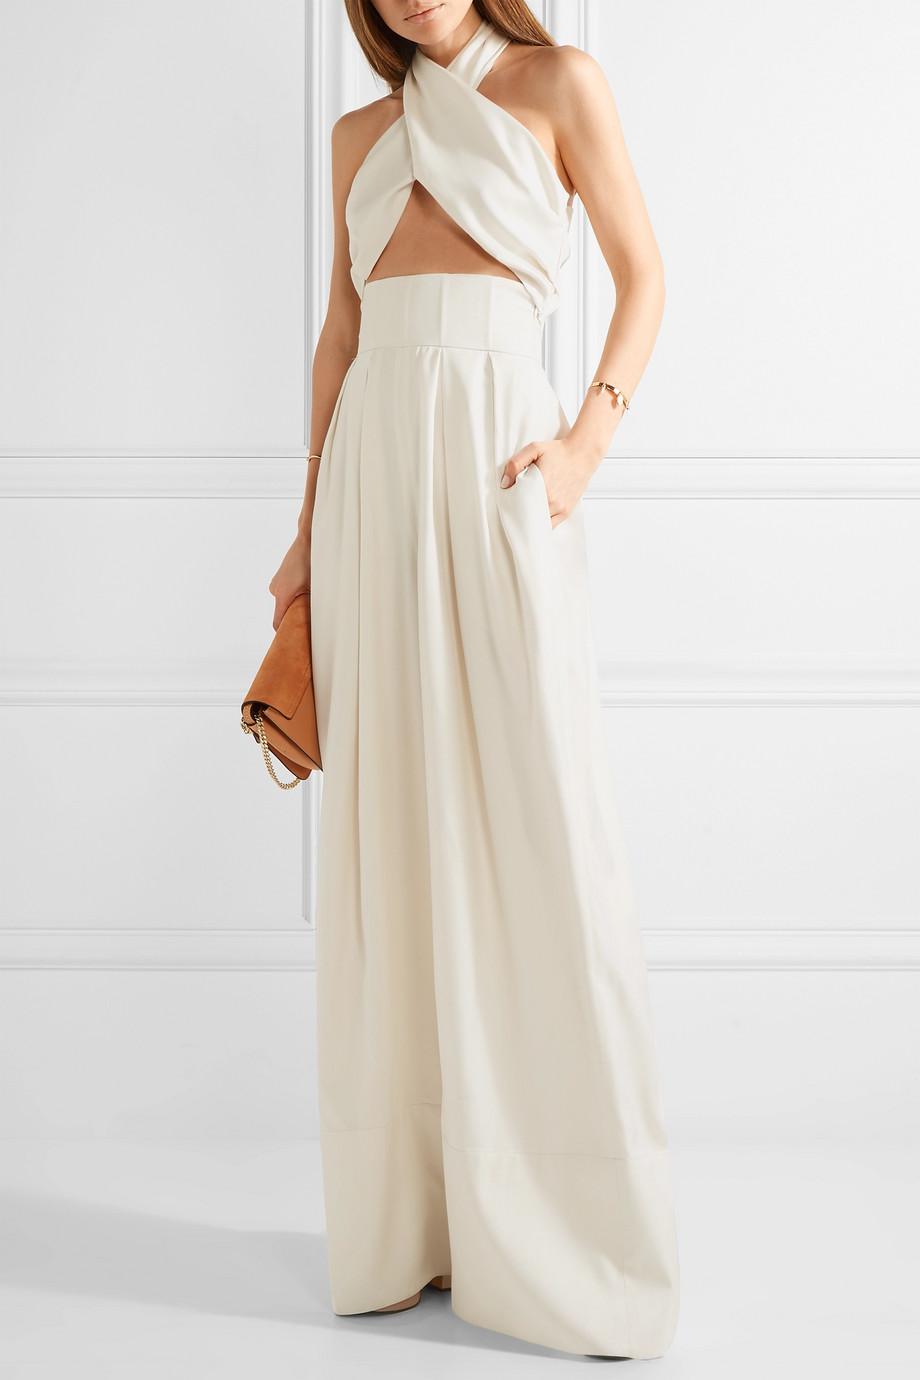 bijeli svečani kombinezon za vjenčanja Rosie Assoulin